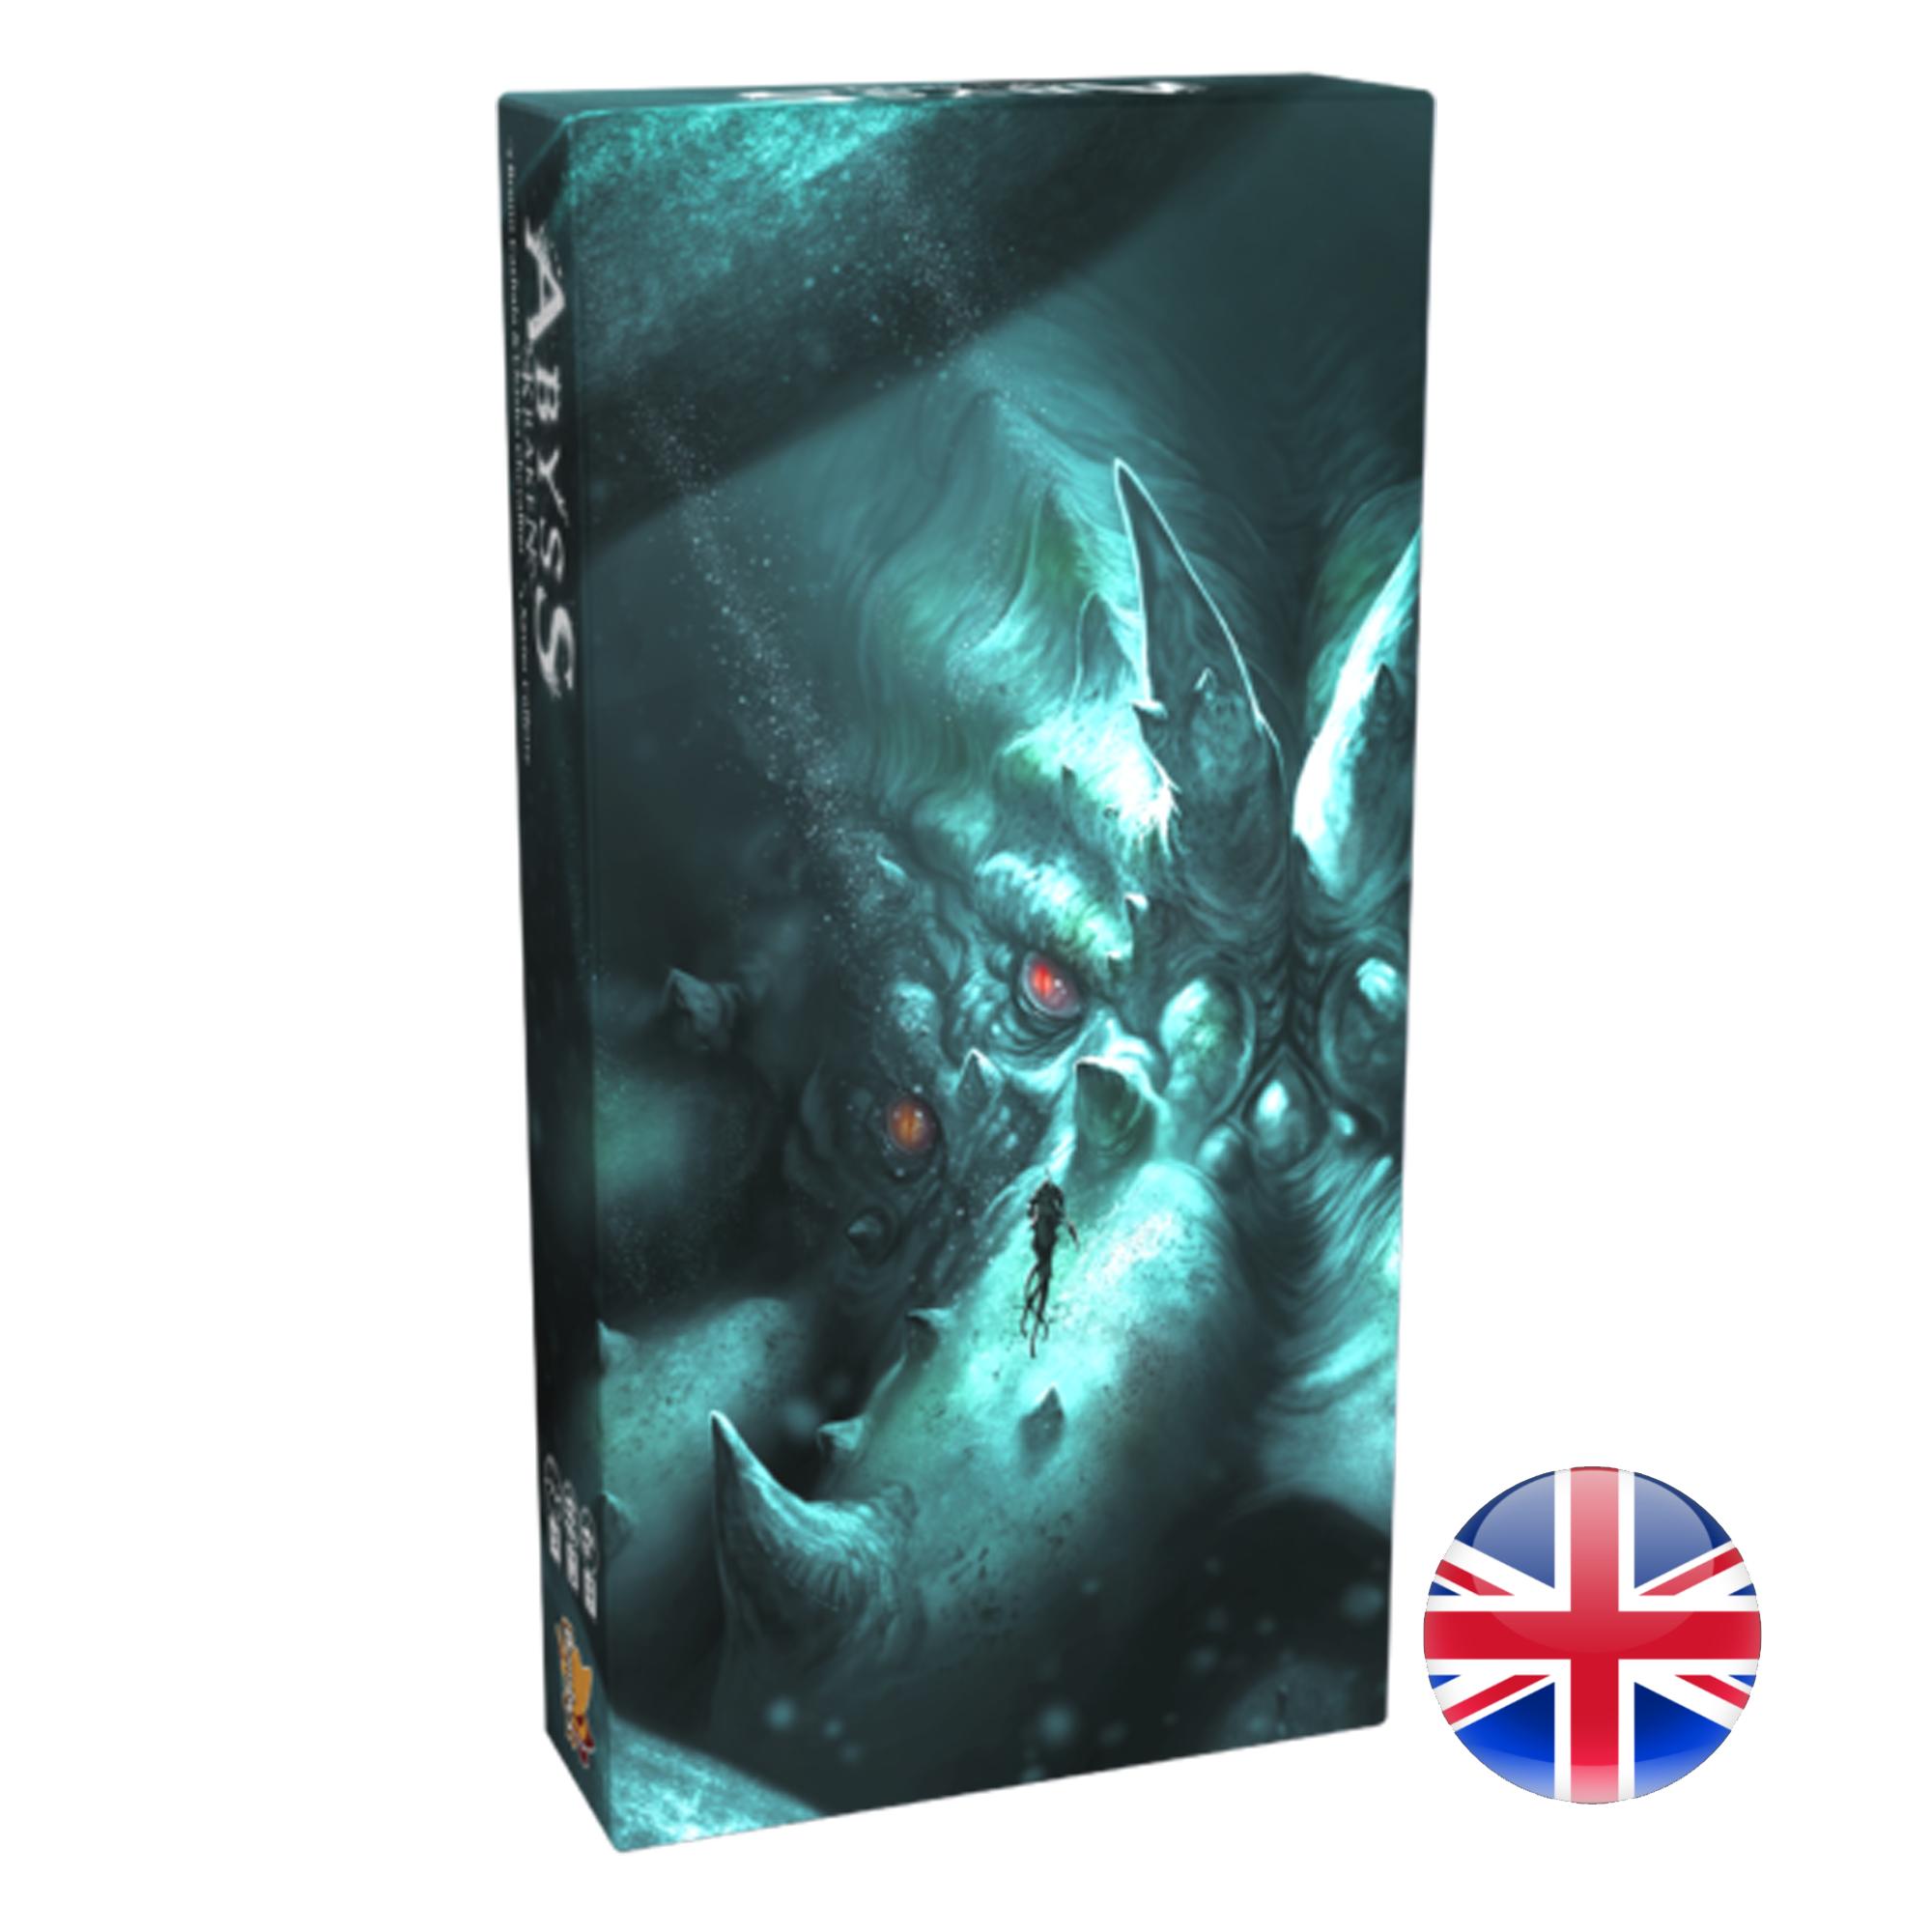 Bombyx Abyss - Exp. Kraken VA